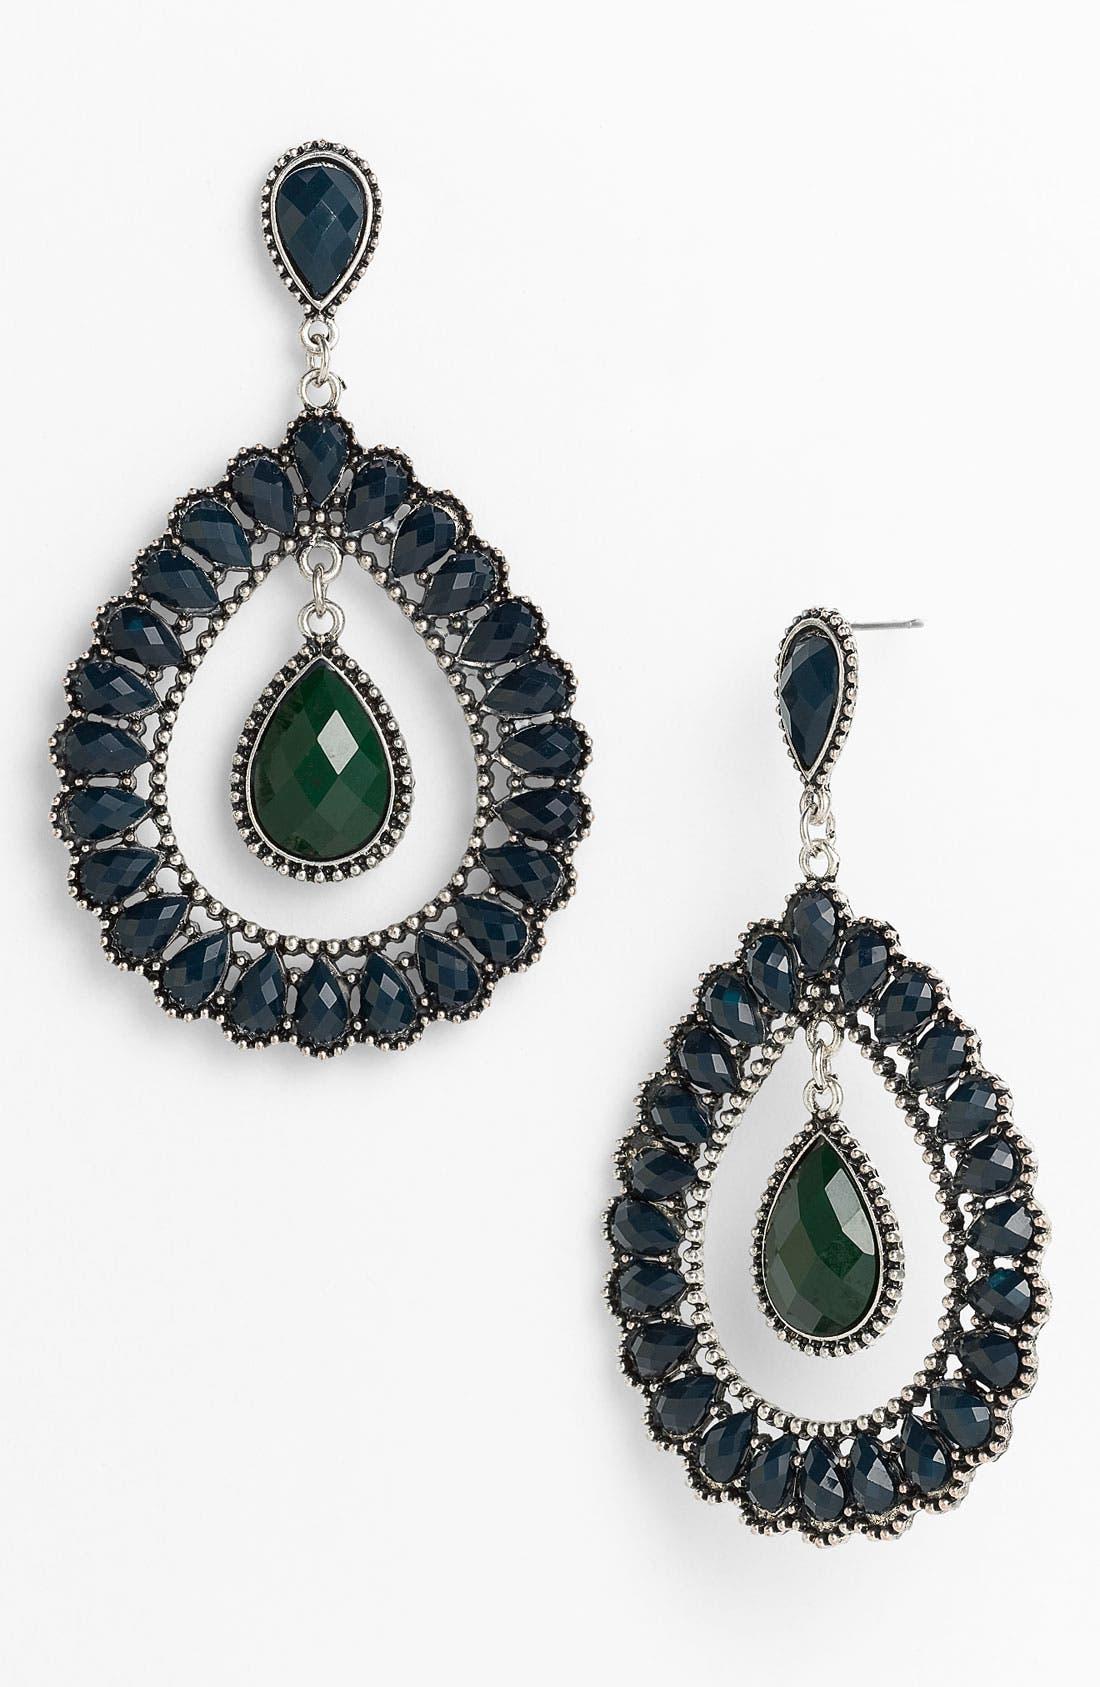 Main Image - Guinevere 'Leon' Earrings